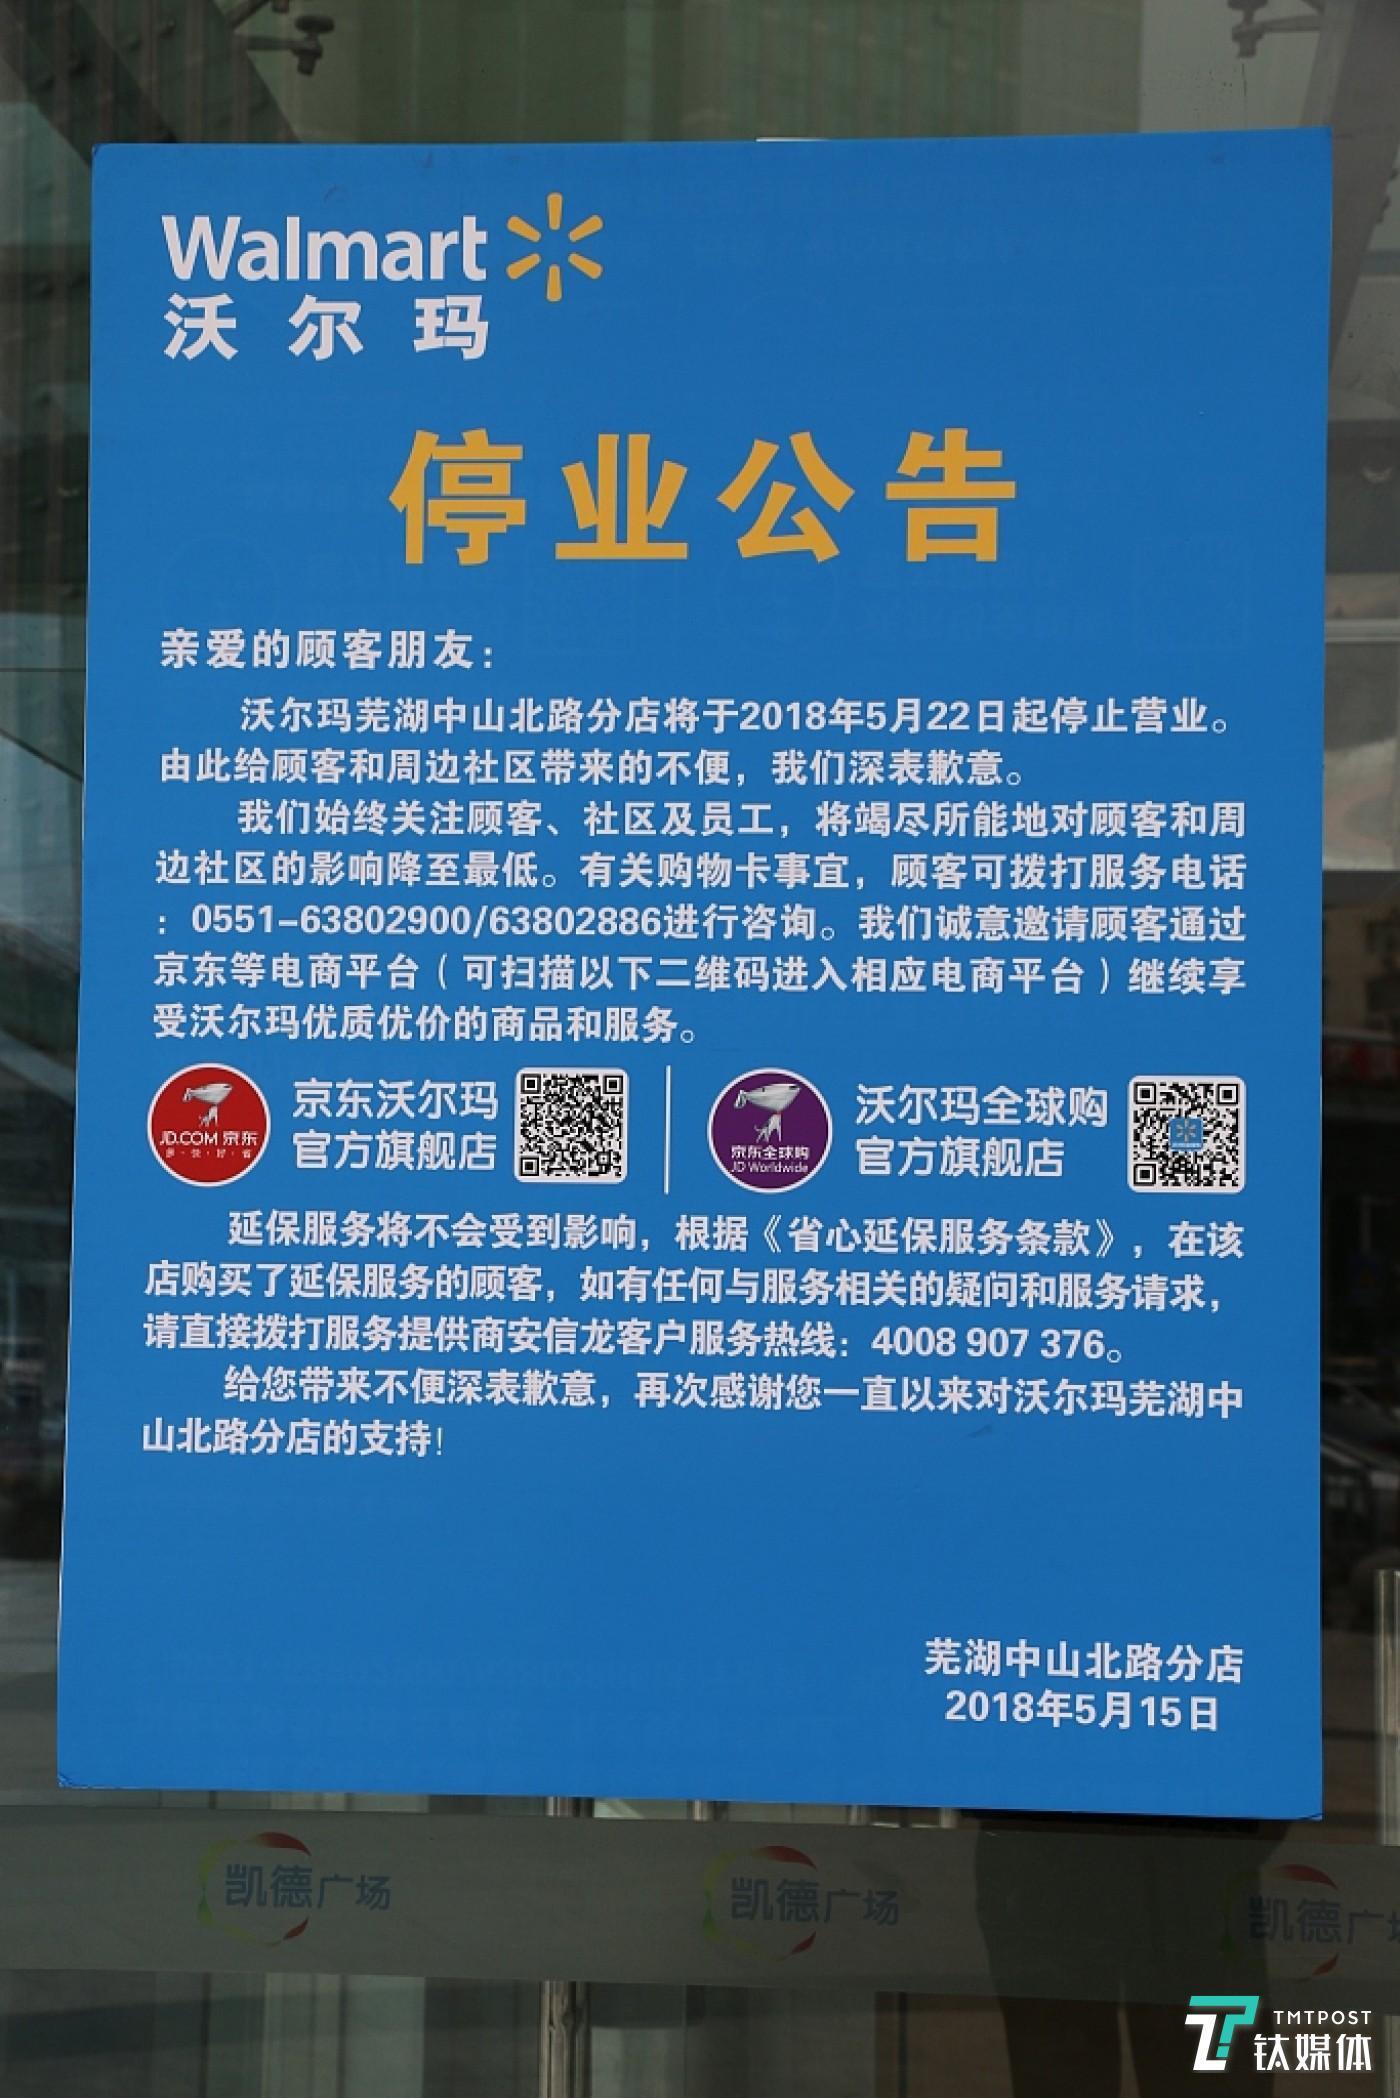 沃尔玛停业公告,图片/视觉中国